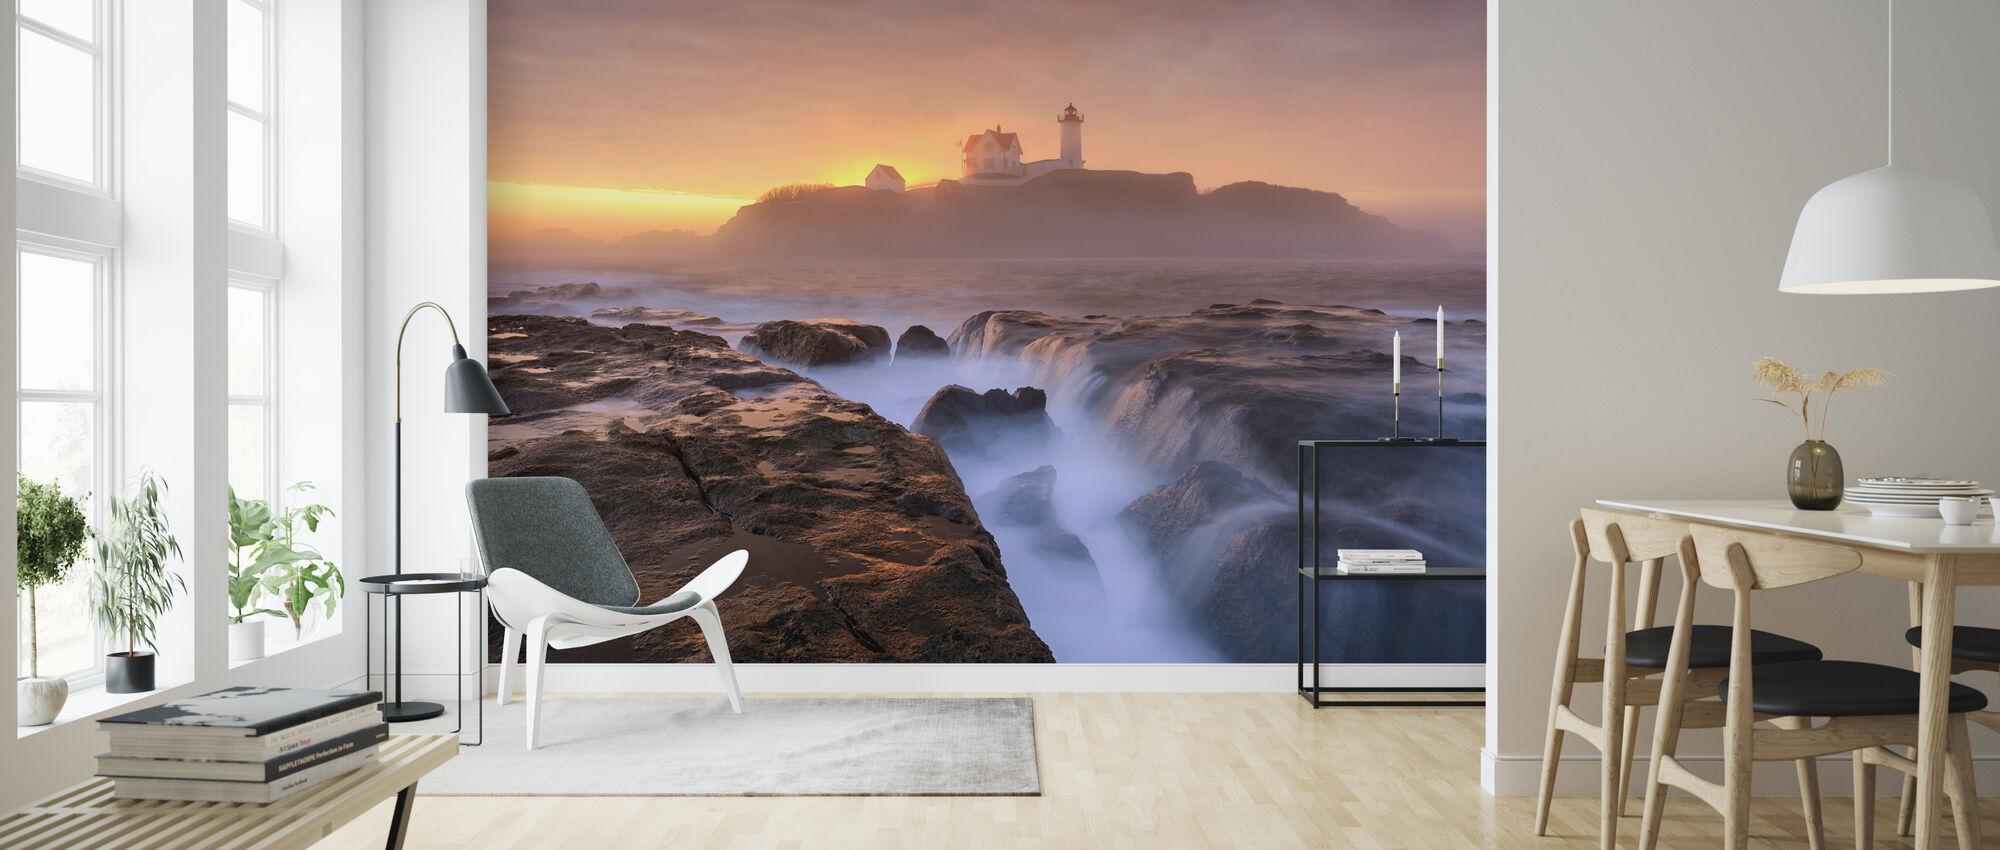 Fog over Tide - Wallpaper - Living Room